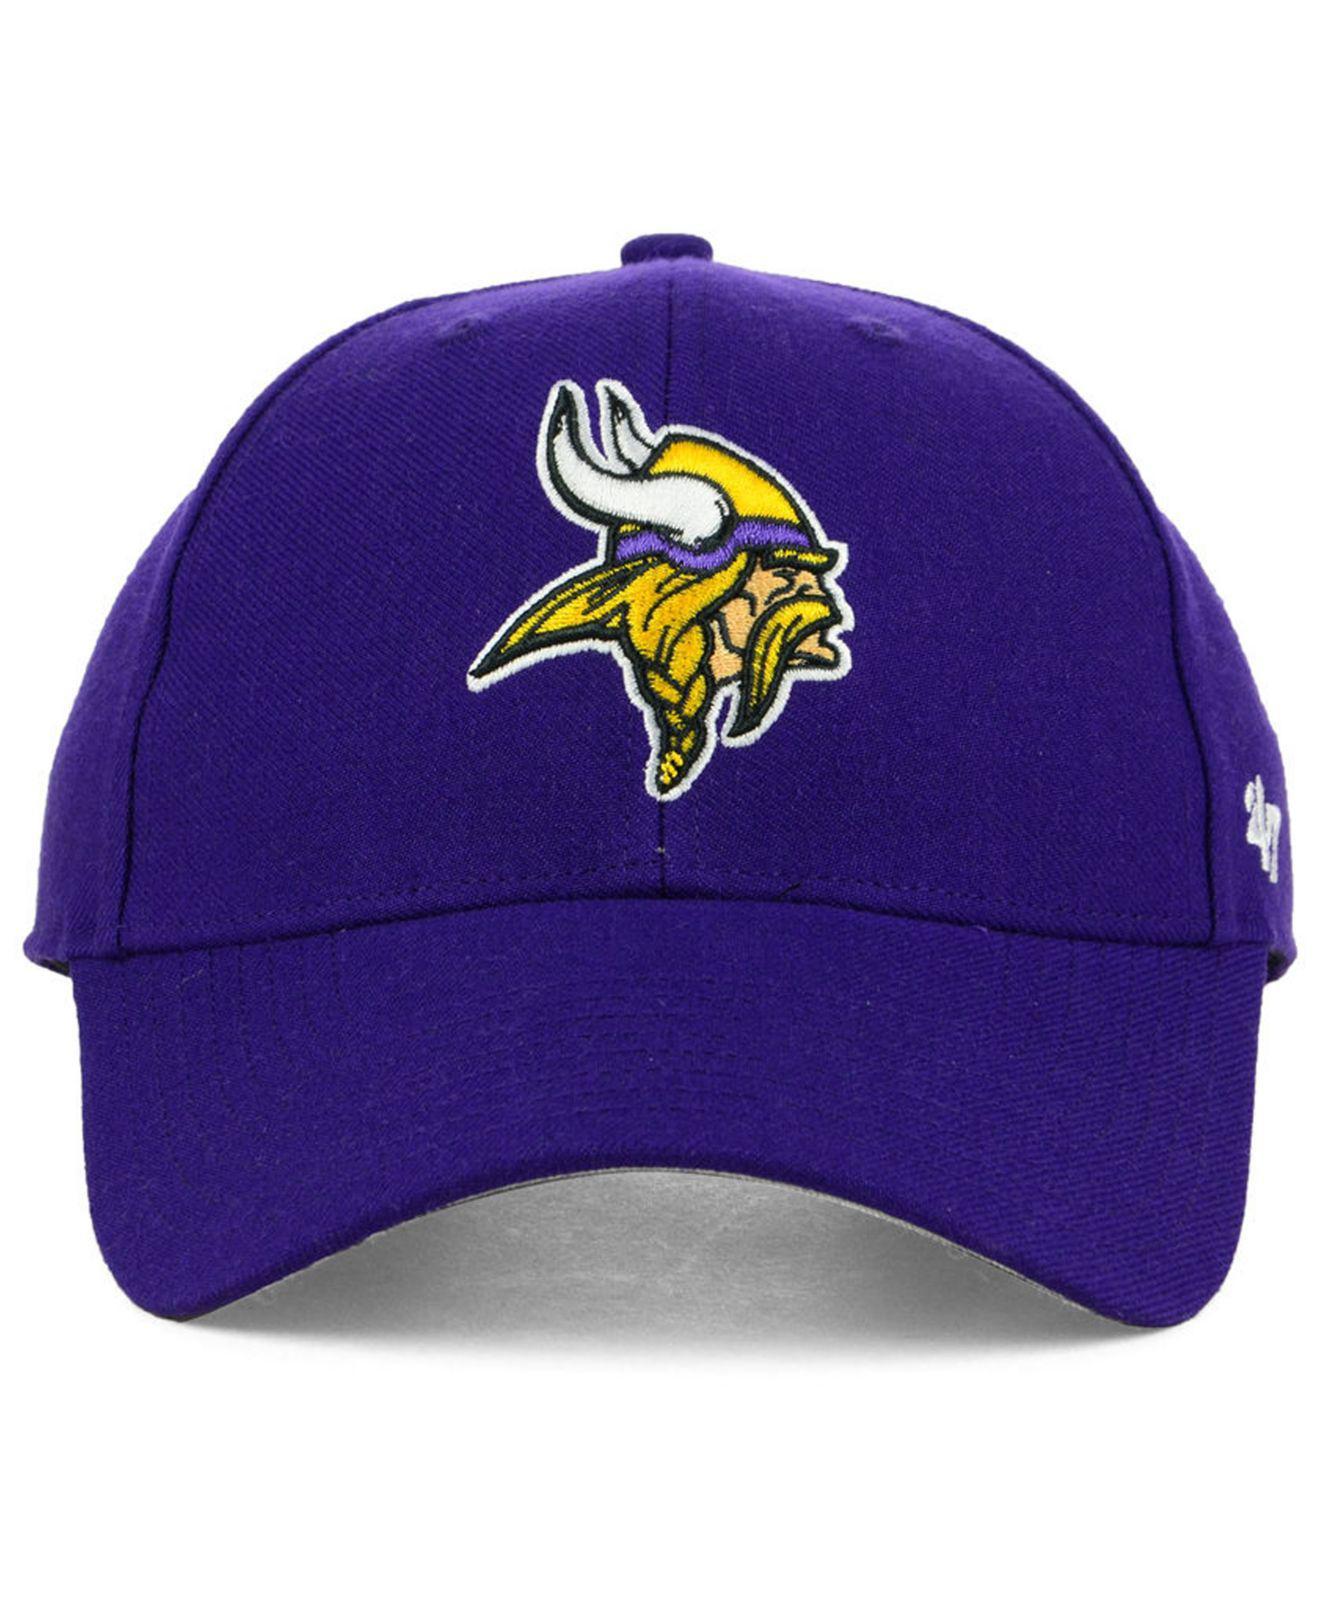 c2818653fe2 Lyst - 47 Brand Minnesota Vikings Mvp Cap in Purple for Men